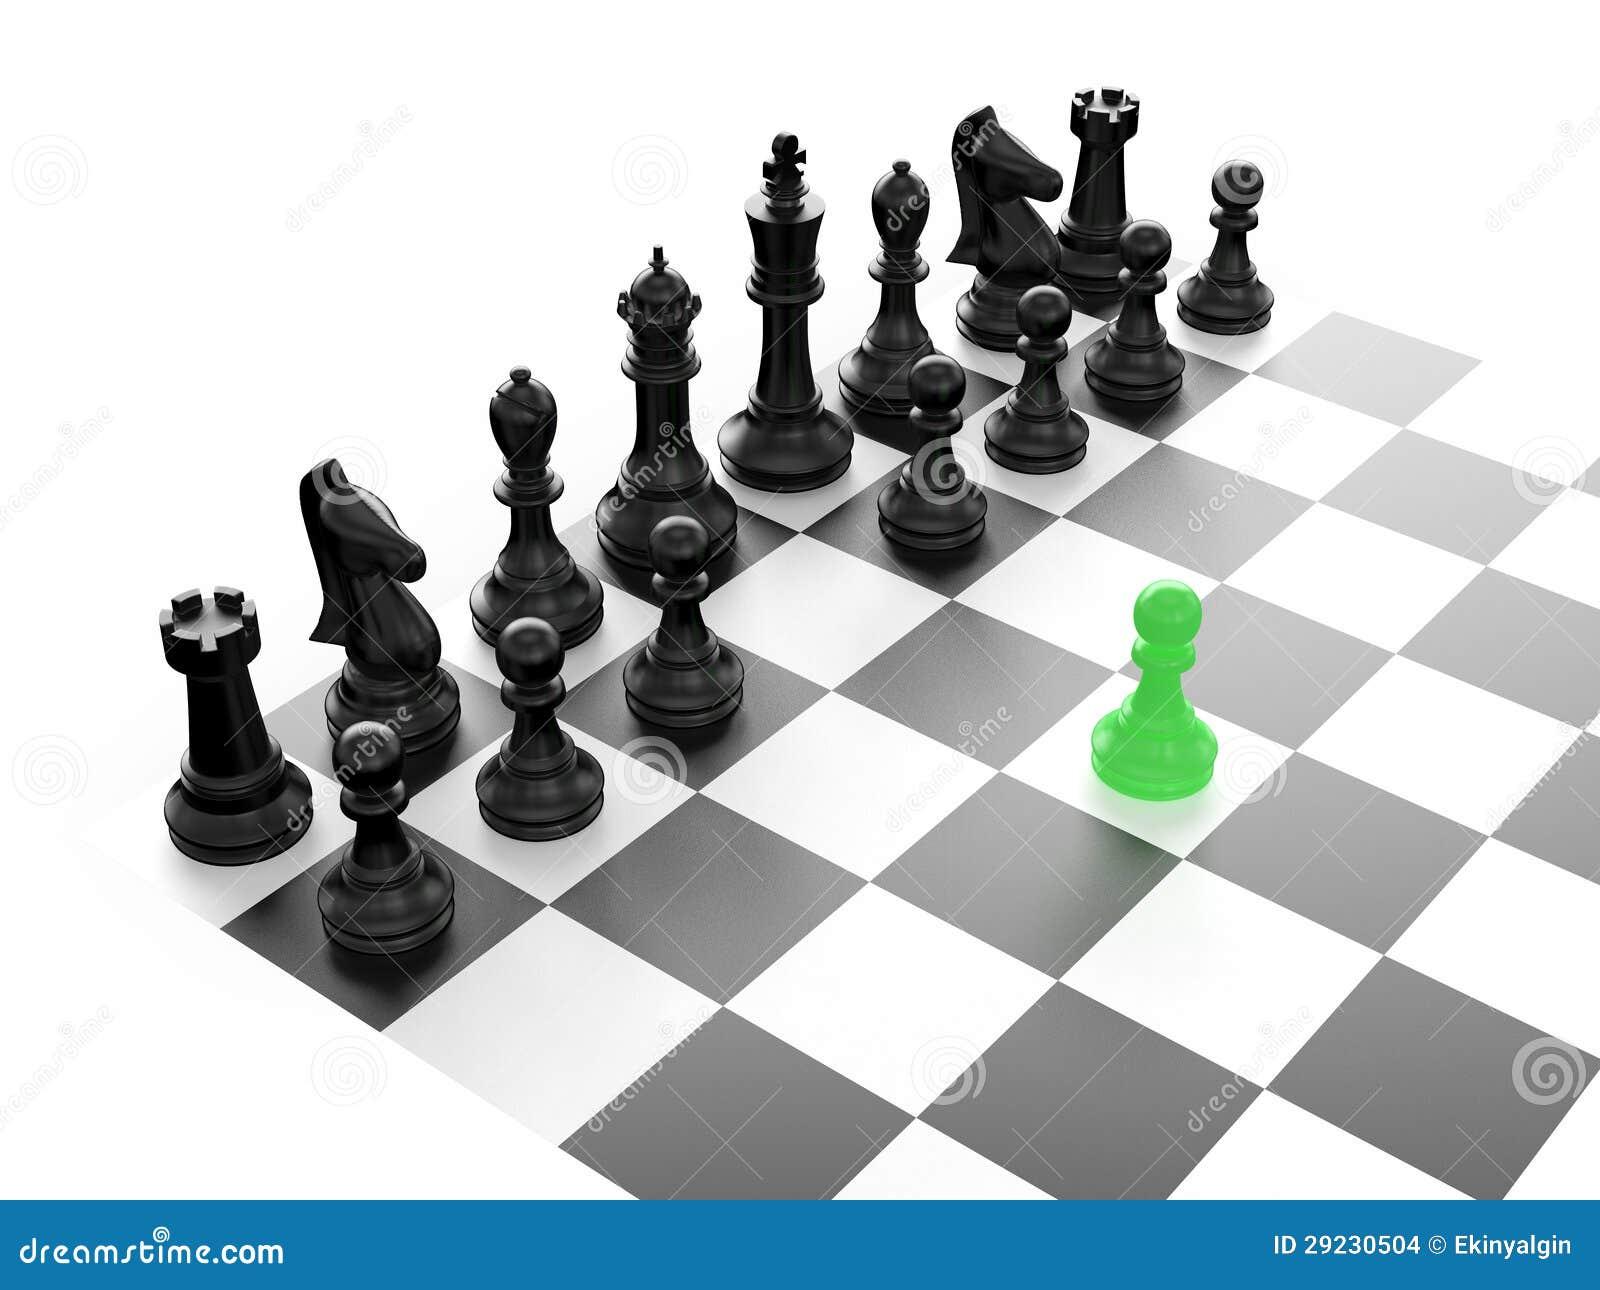 Download Grupo de xadrez preto ilustração stock. Ilustração de diferença - 29230504